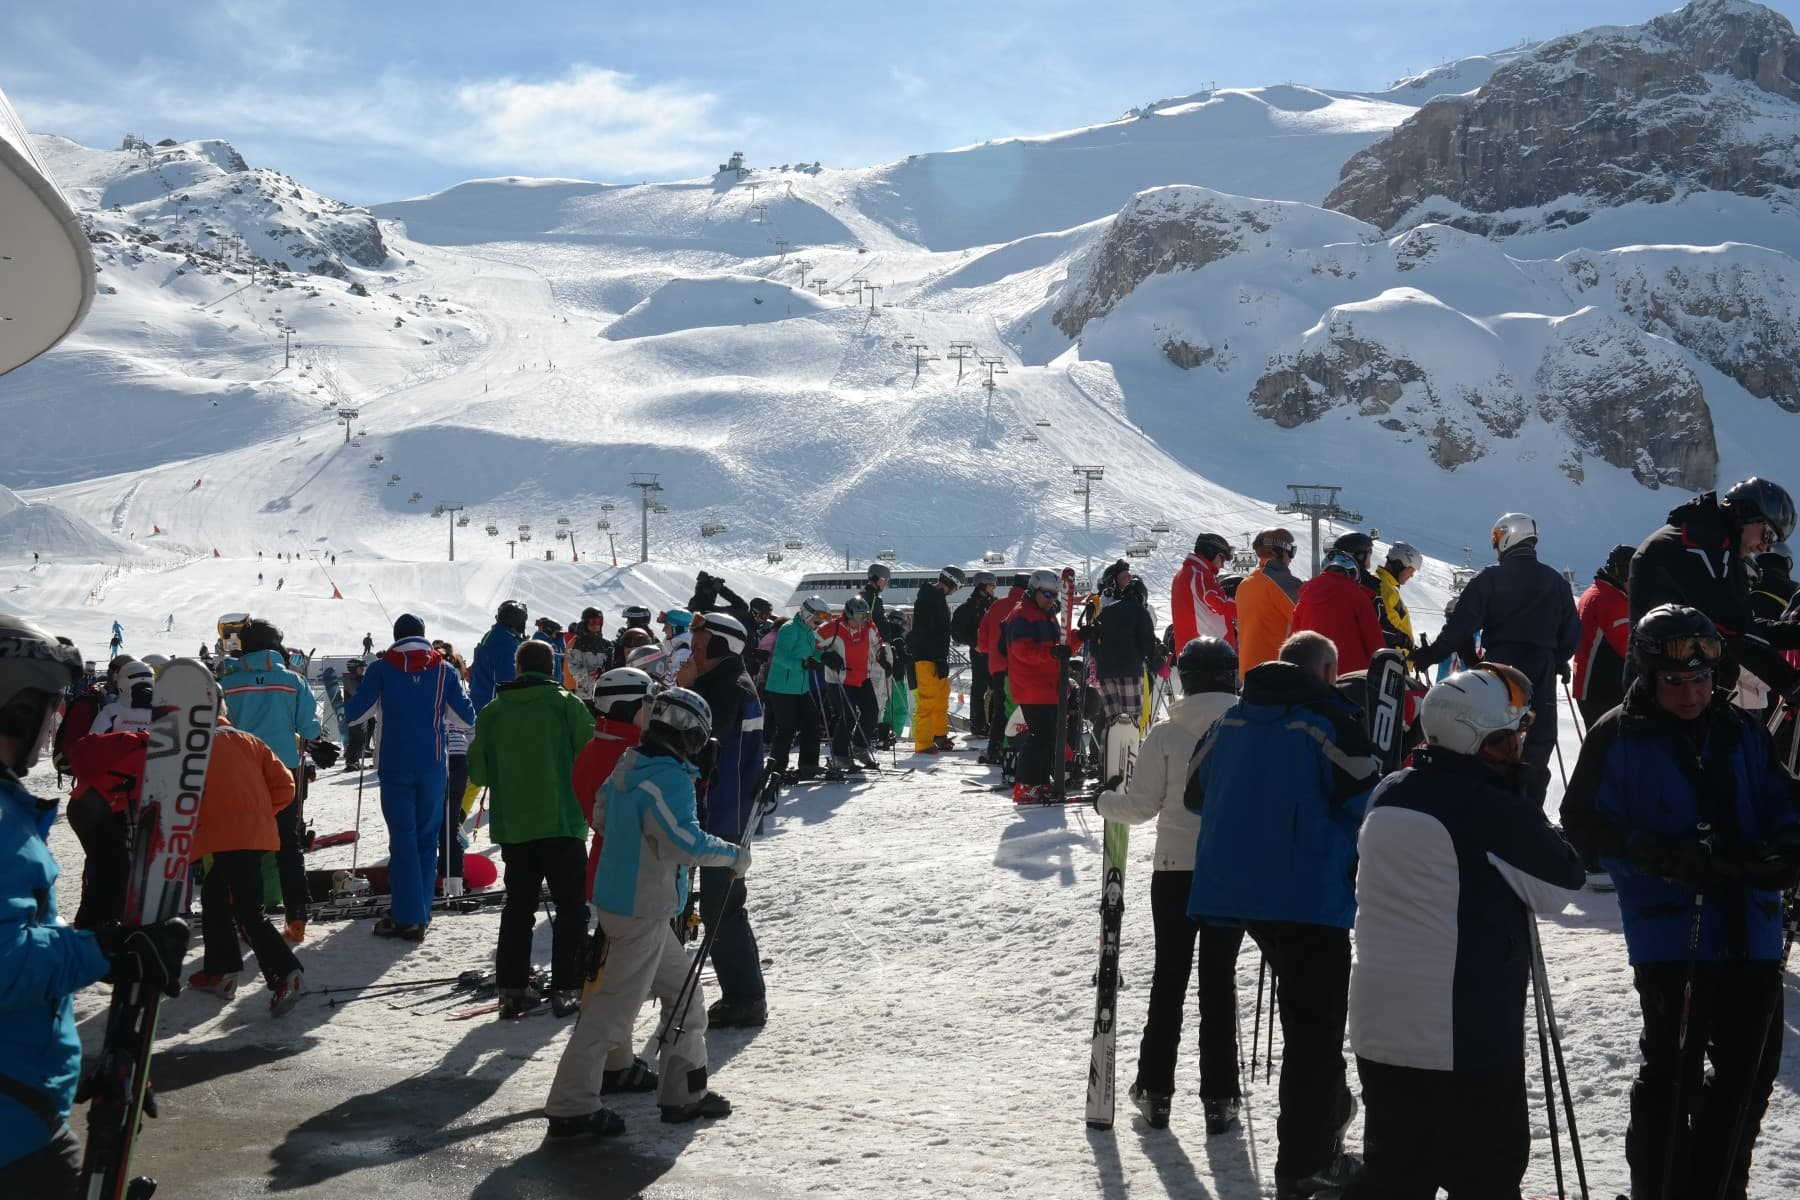 אתר הסקי Ischgl